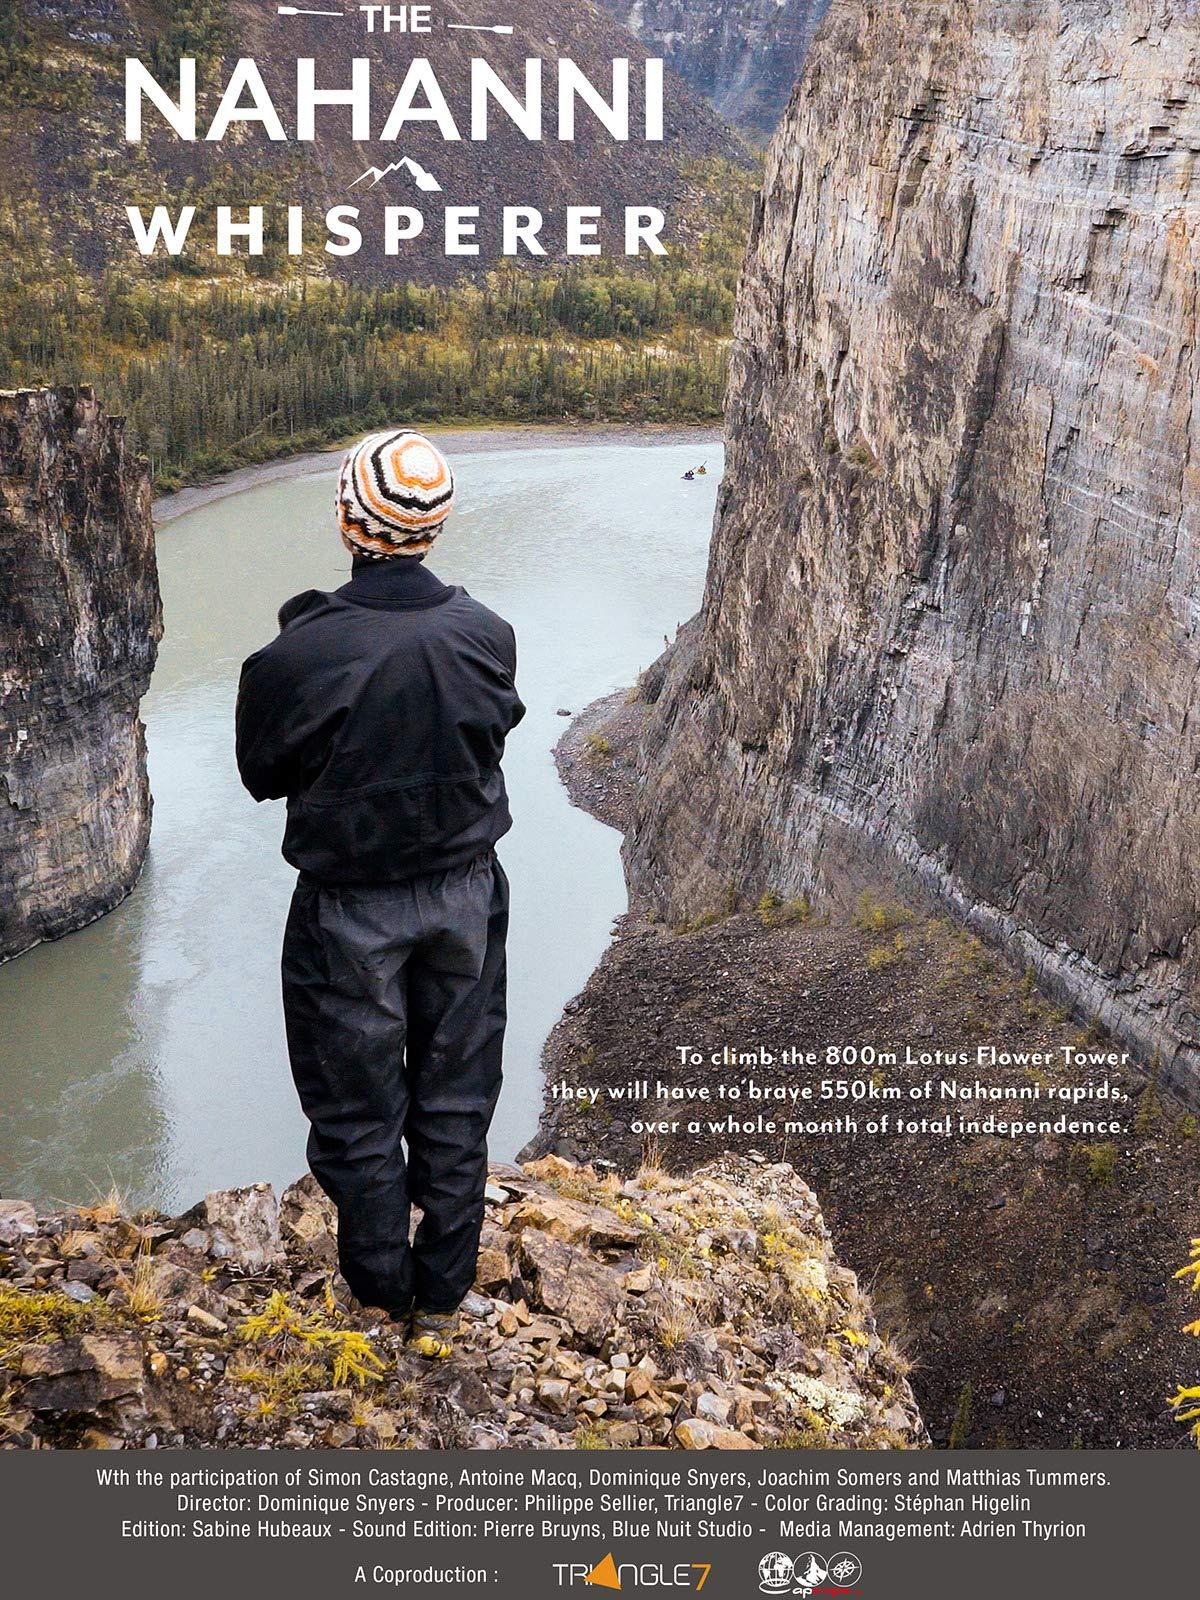 The Nahanni Whisperer